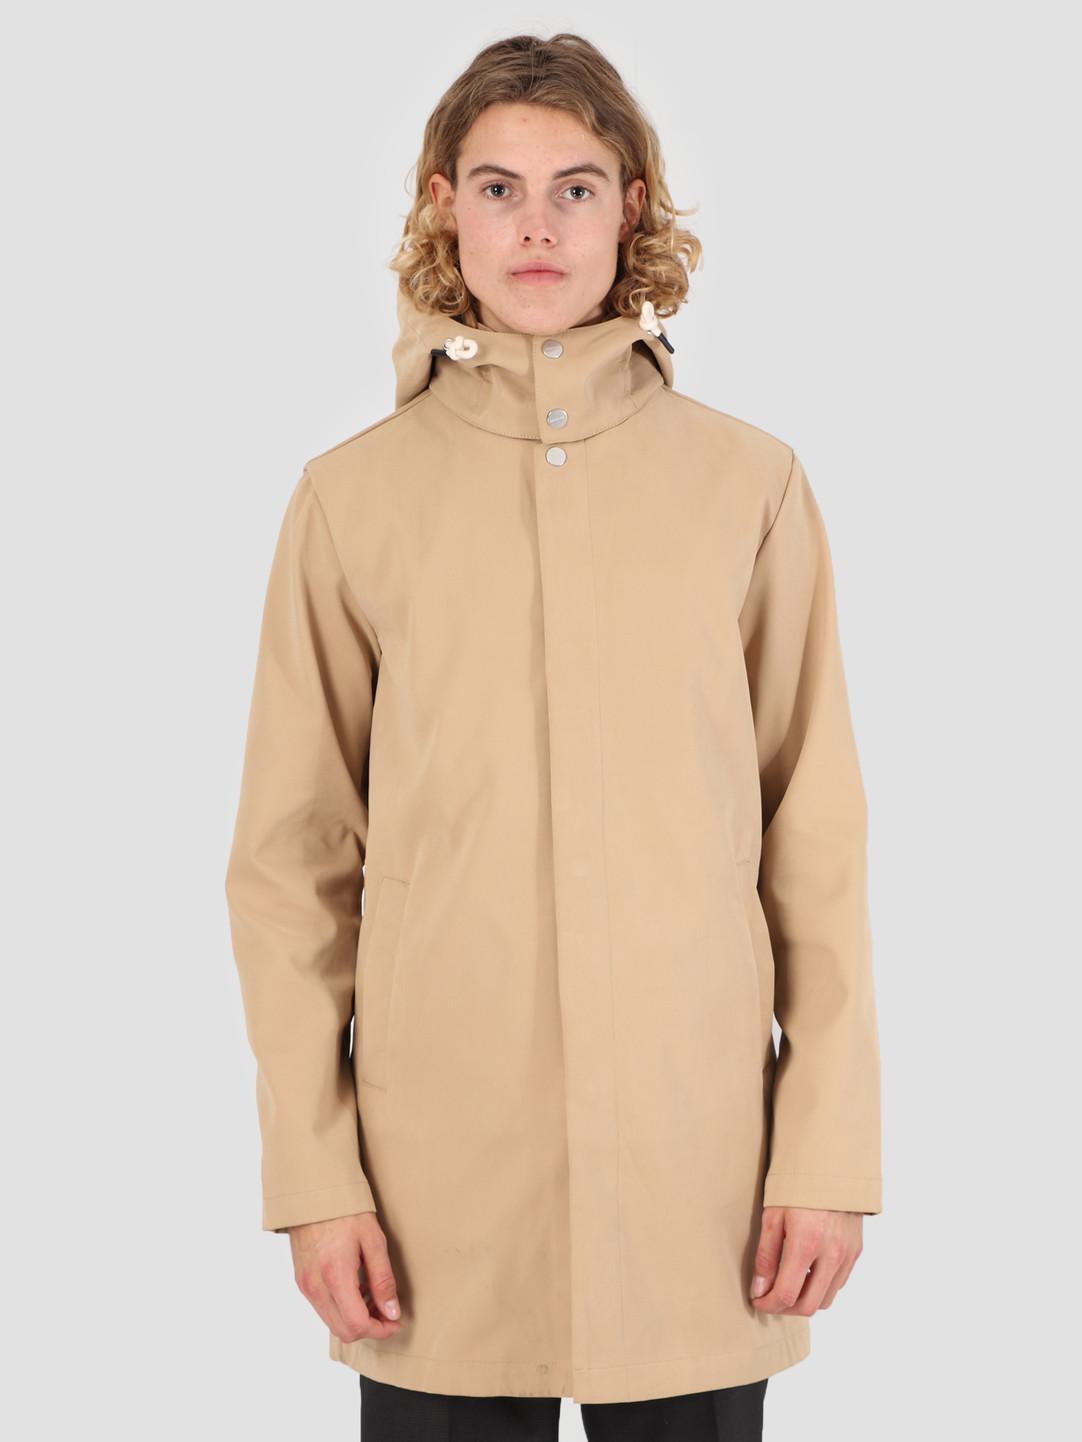 Wemoto Wemoto Batson Jacket Sand 131.608-822